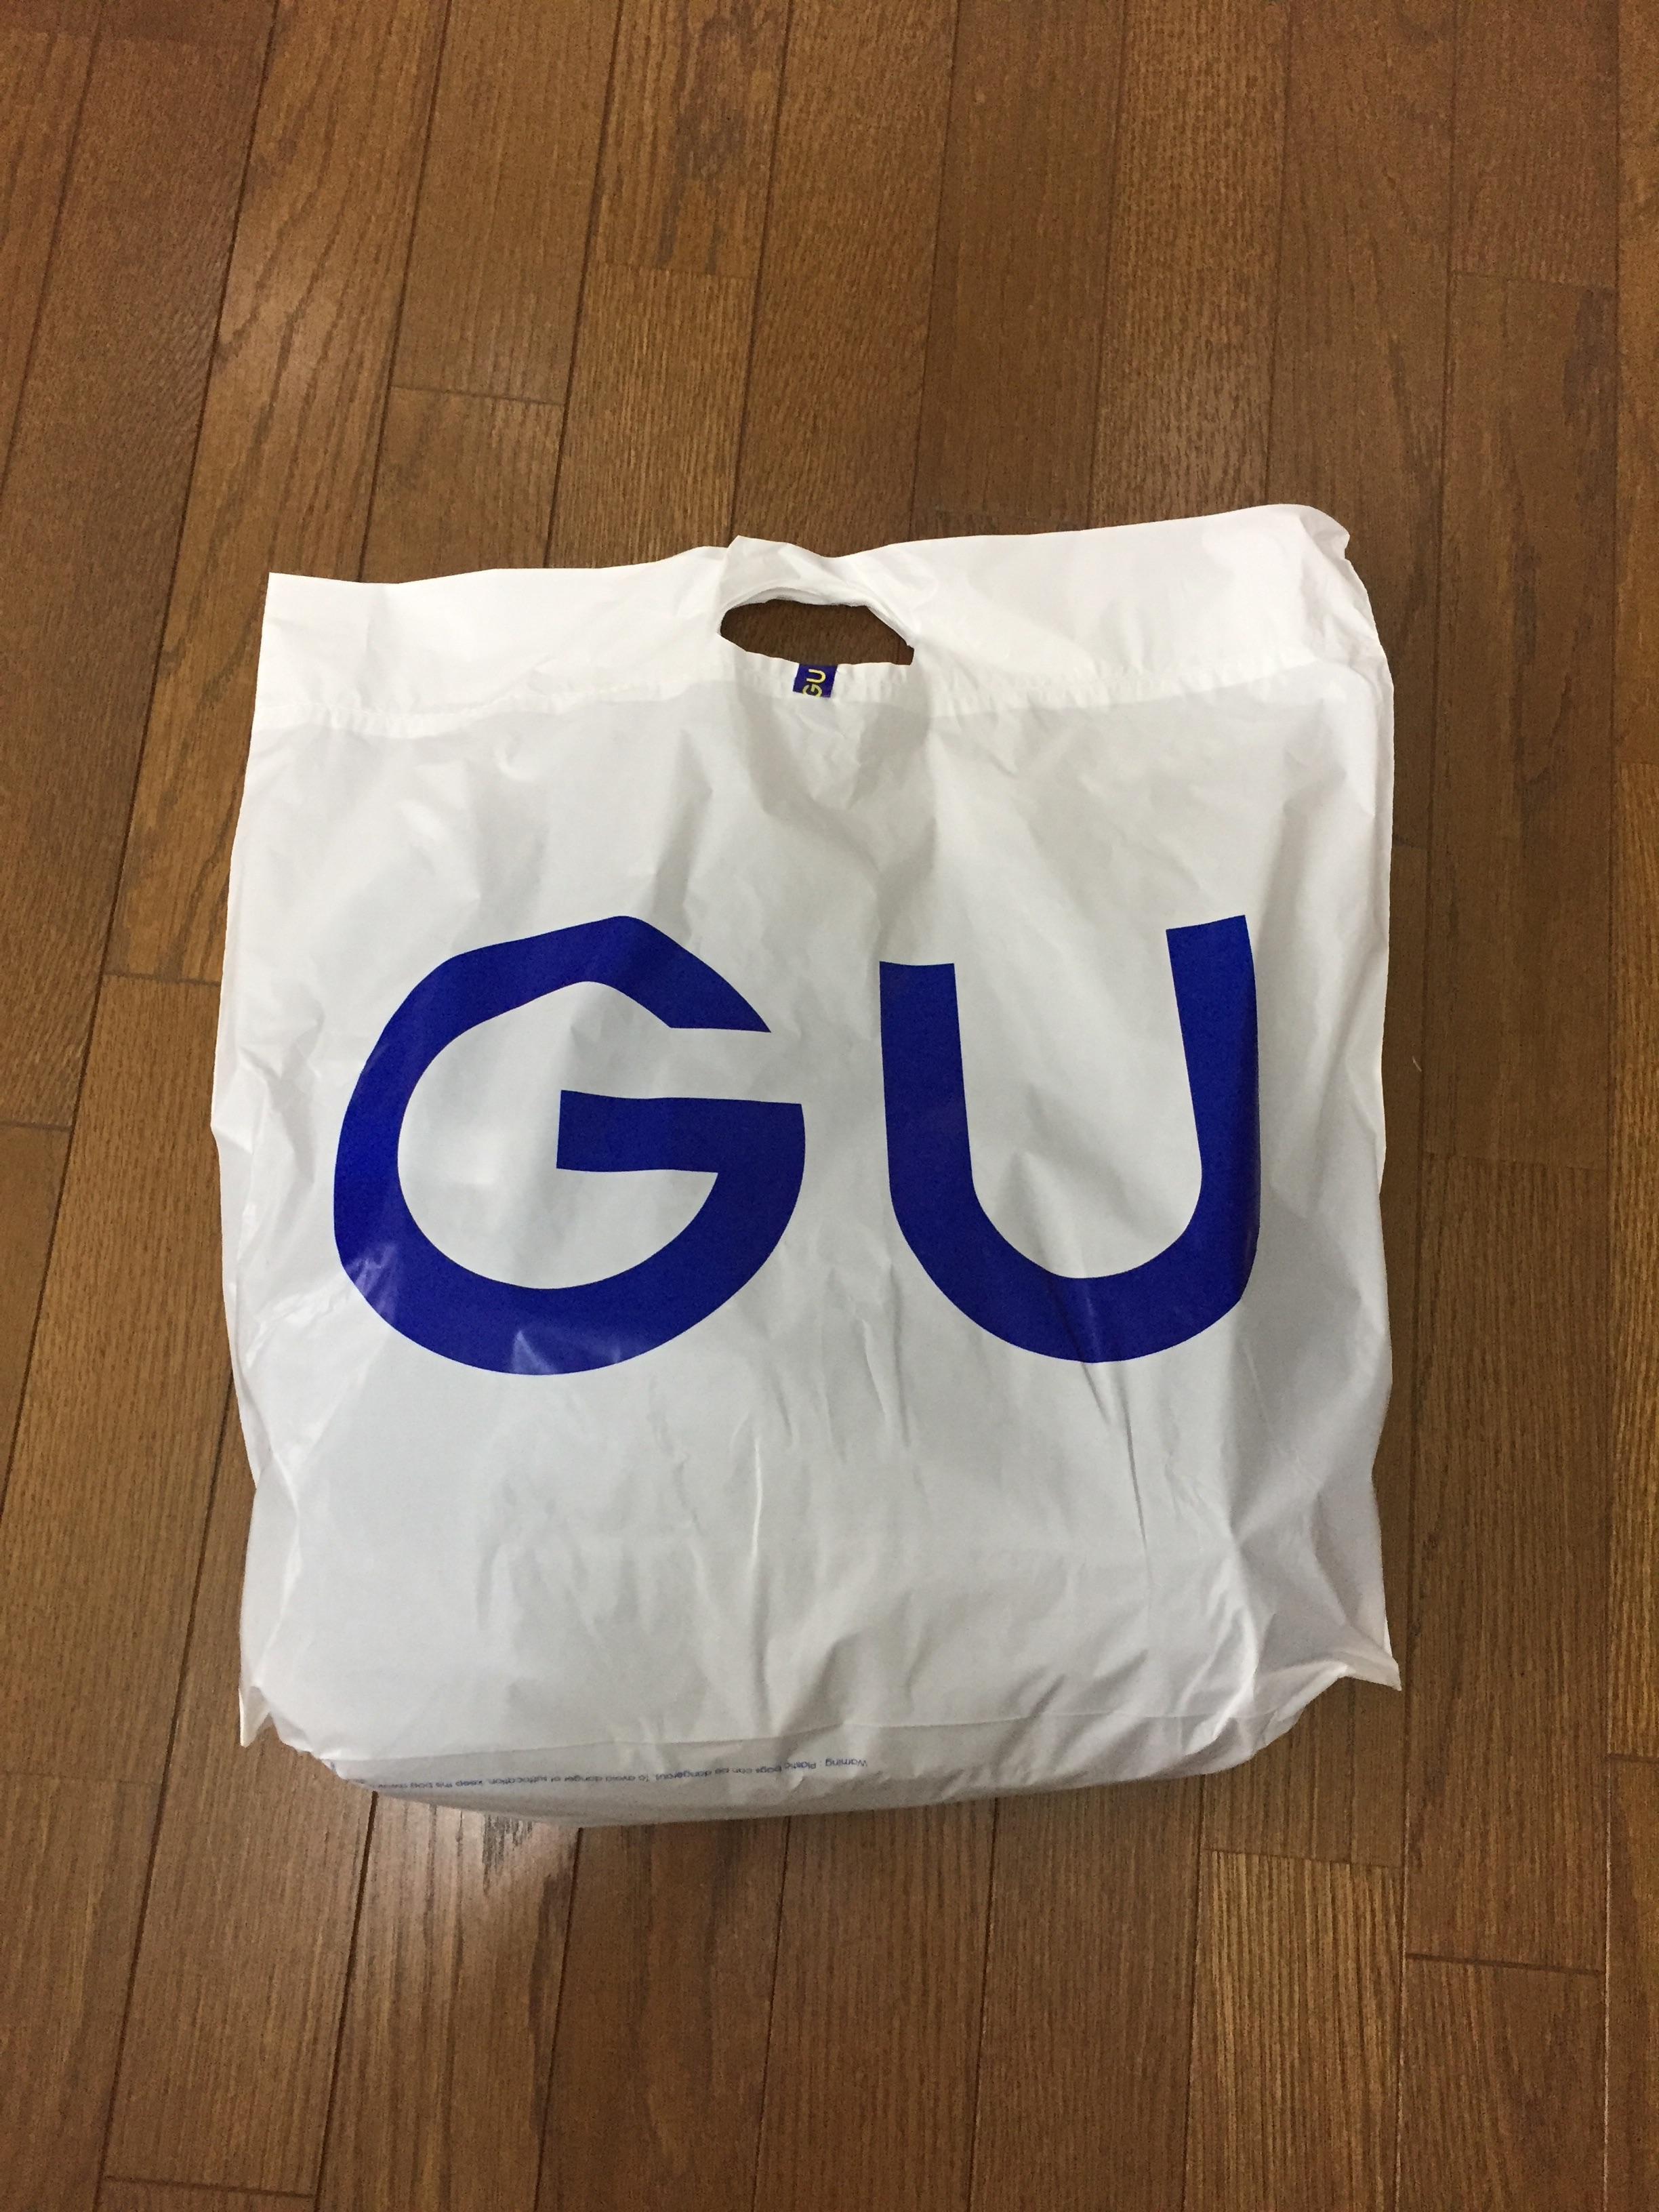 f:id:fukai19930806347:20170320164322j:image